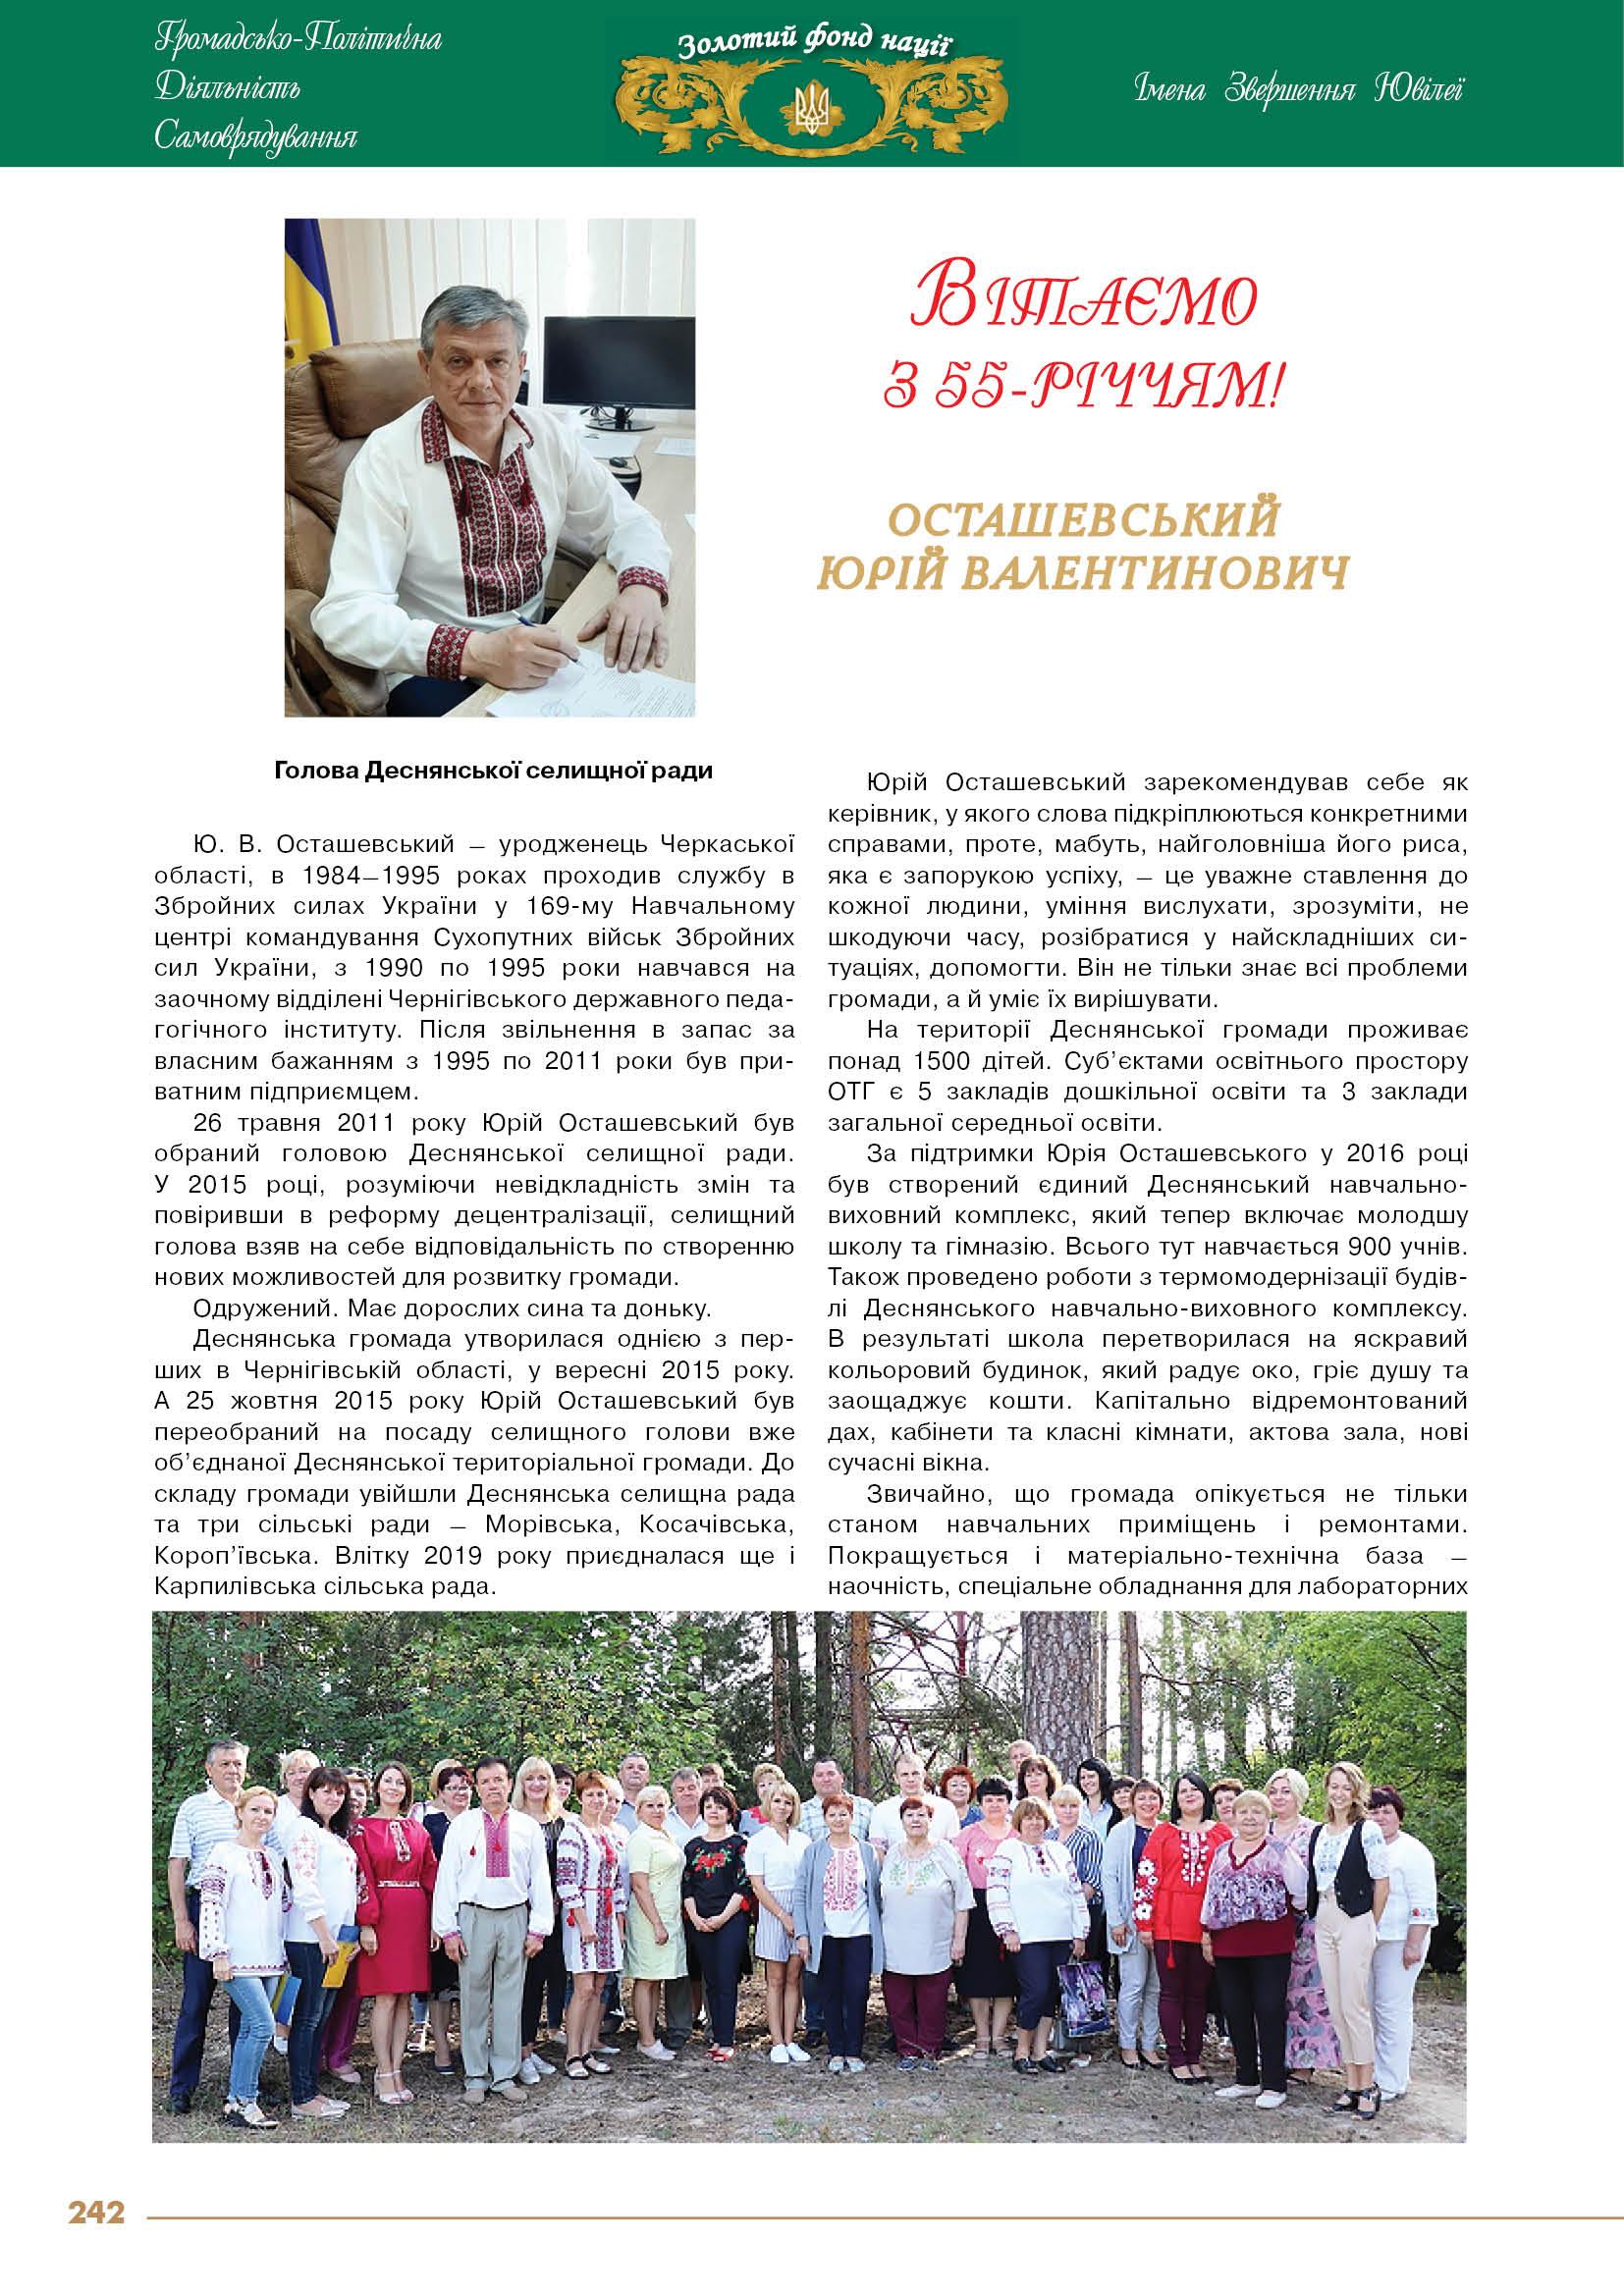 Осташевський Юрій Валентинович